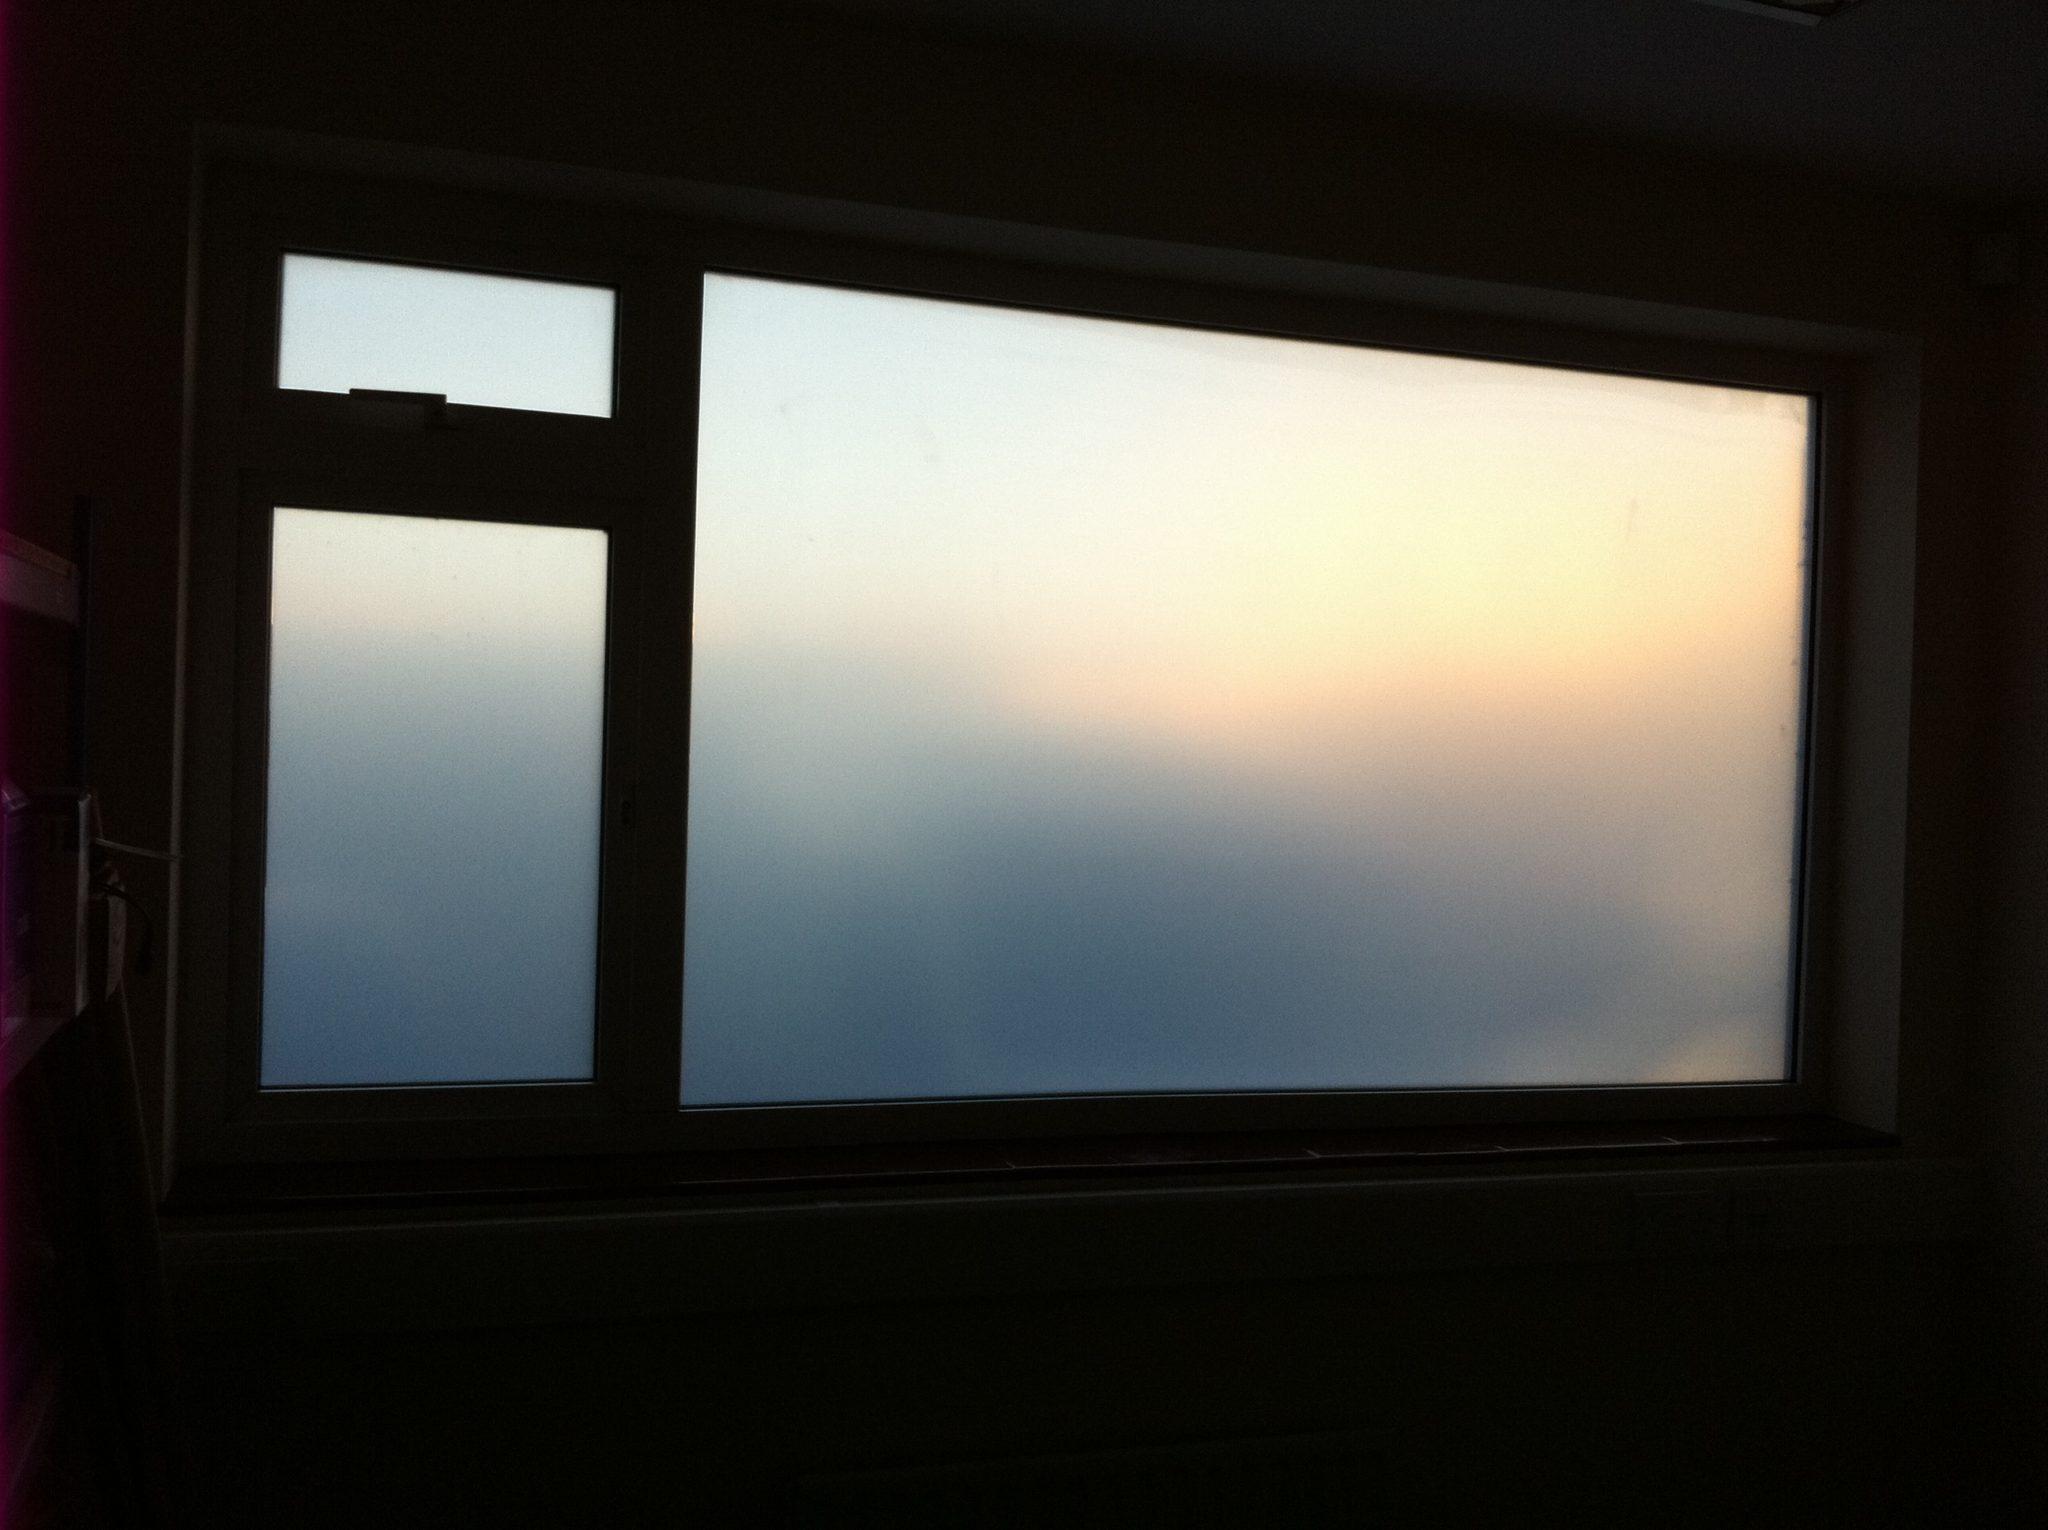 Opal Frost Window Film